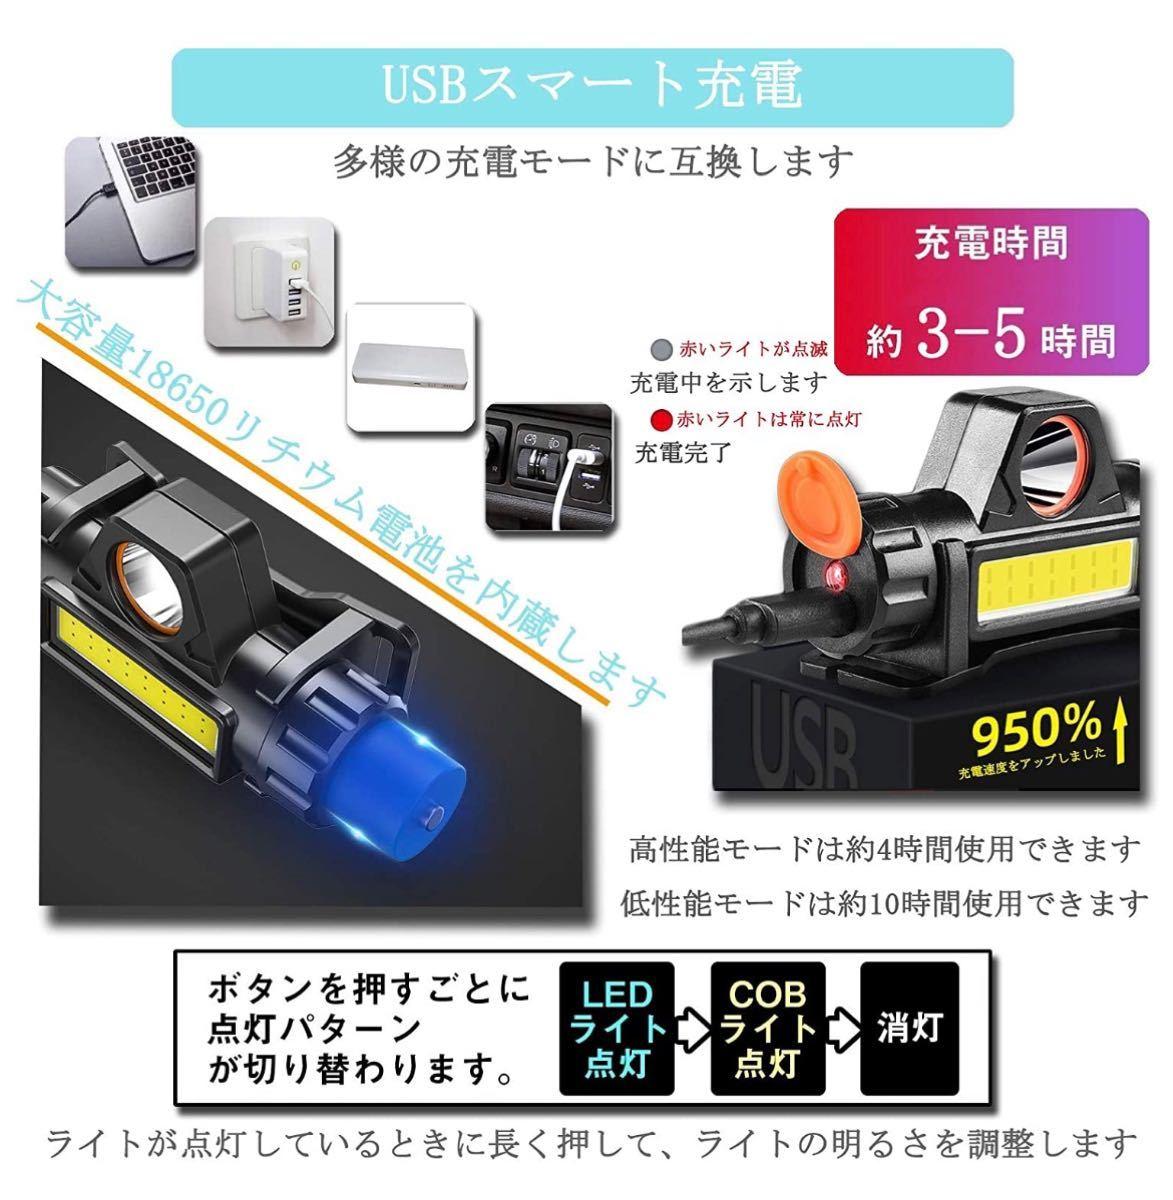 ヘッドライト 充電式 ledヘッドライト アウトドア用ヘッドライト 高輝度 超軽量 角度調整可 2個セット